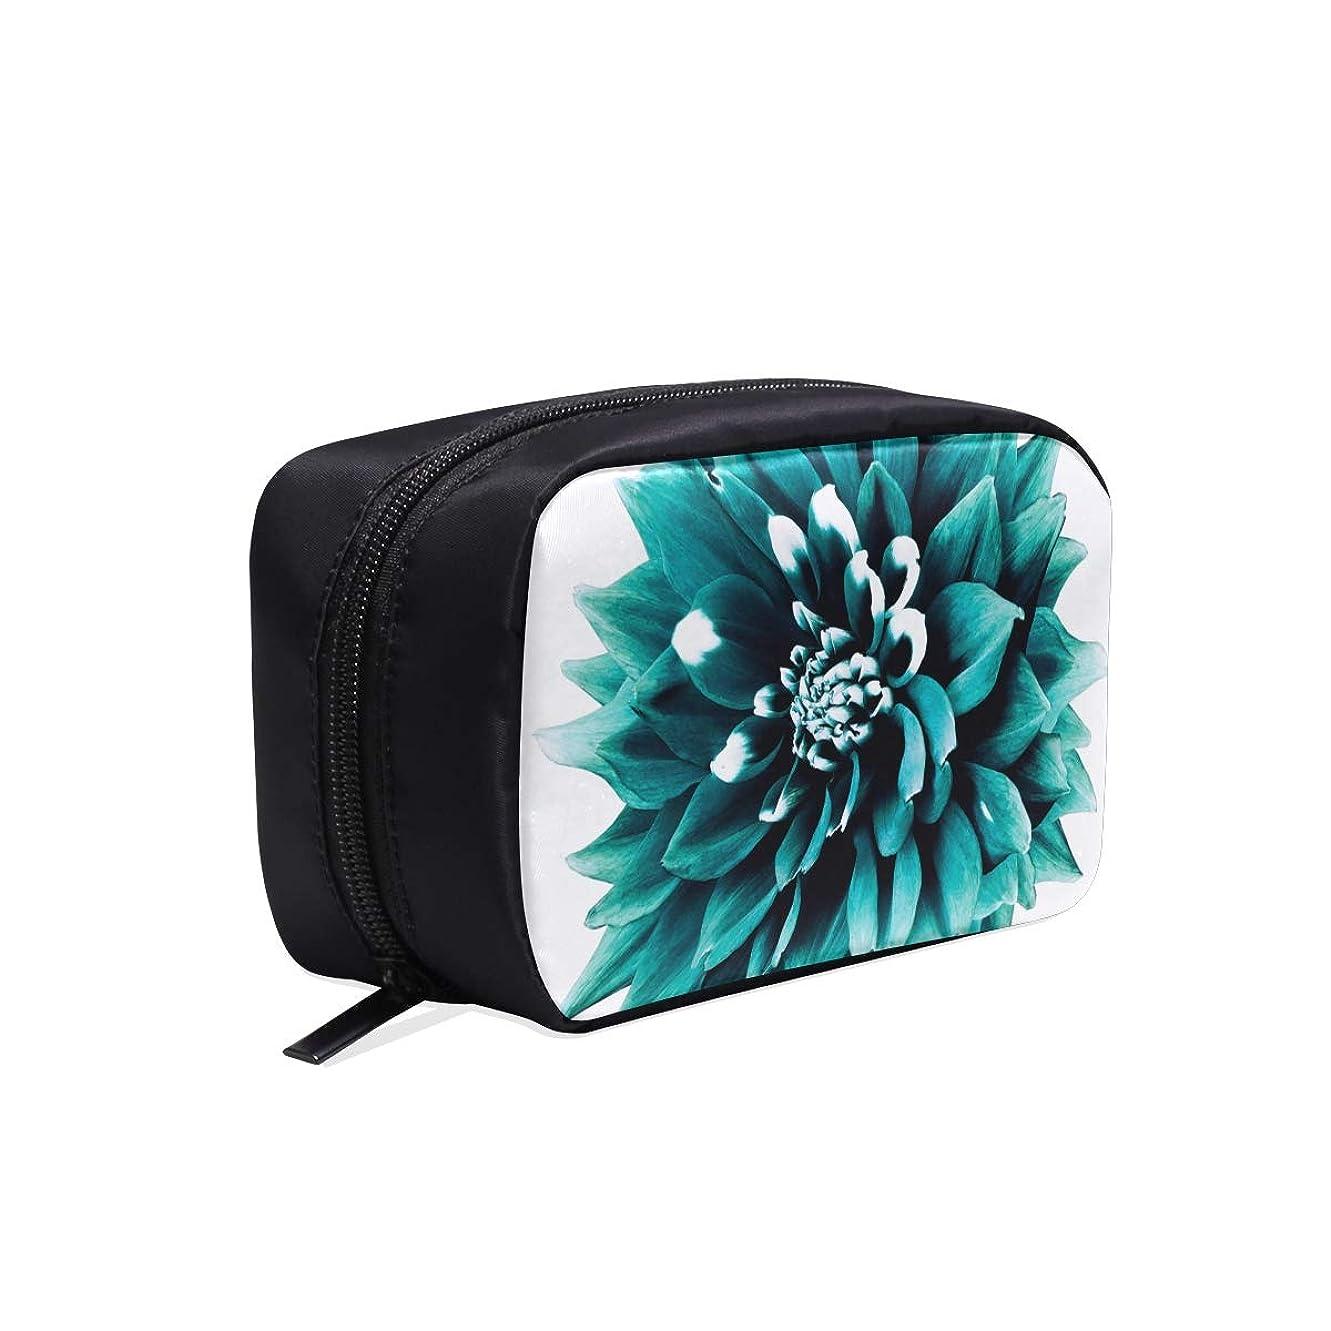 近代化する横原稿DMHYJ メイクポーチ 咲く ダリア ボックス コスメ収納 化粧品収納ケース 大容量 収納 化粧品入れ 化粧バッグ 旅行用 メイクブラシバッグ 化粧箱 持ち運び便利 プロ用